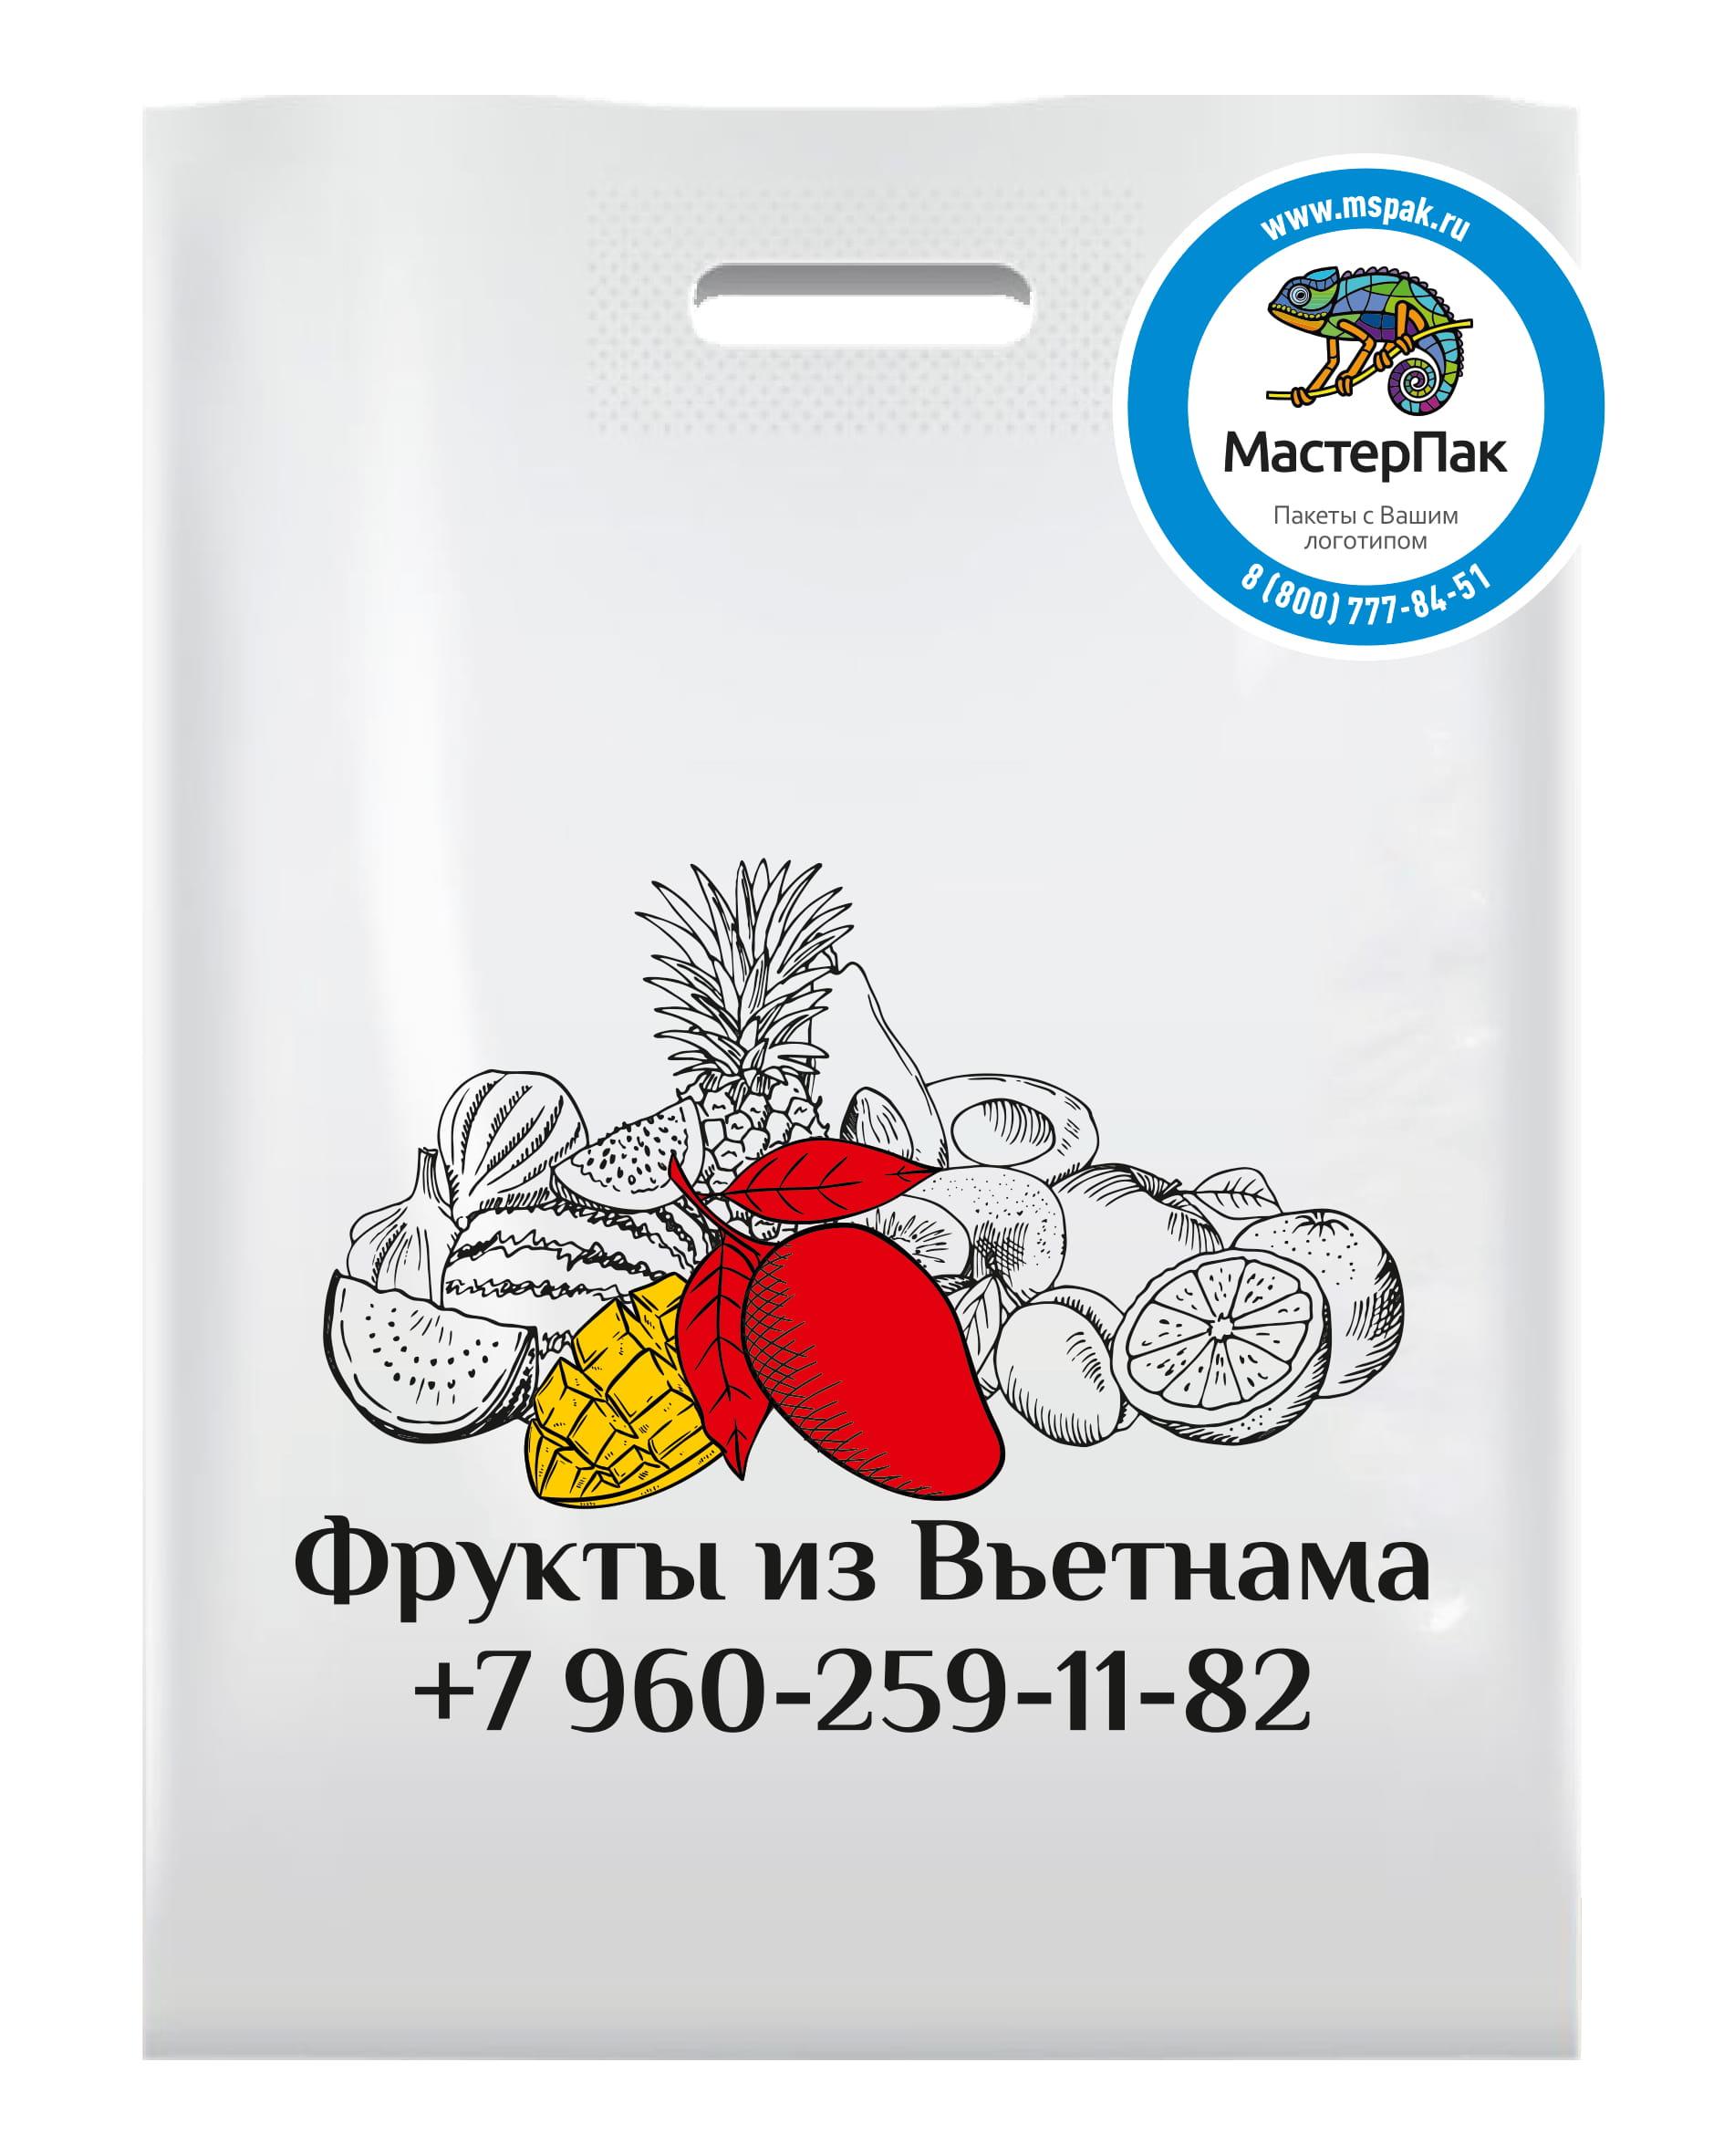 Пакет ПВД с логотипом Фрукты из Вьетнама, Москва, 70 мкм, 30*40, усиленная ручка